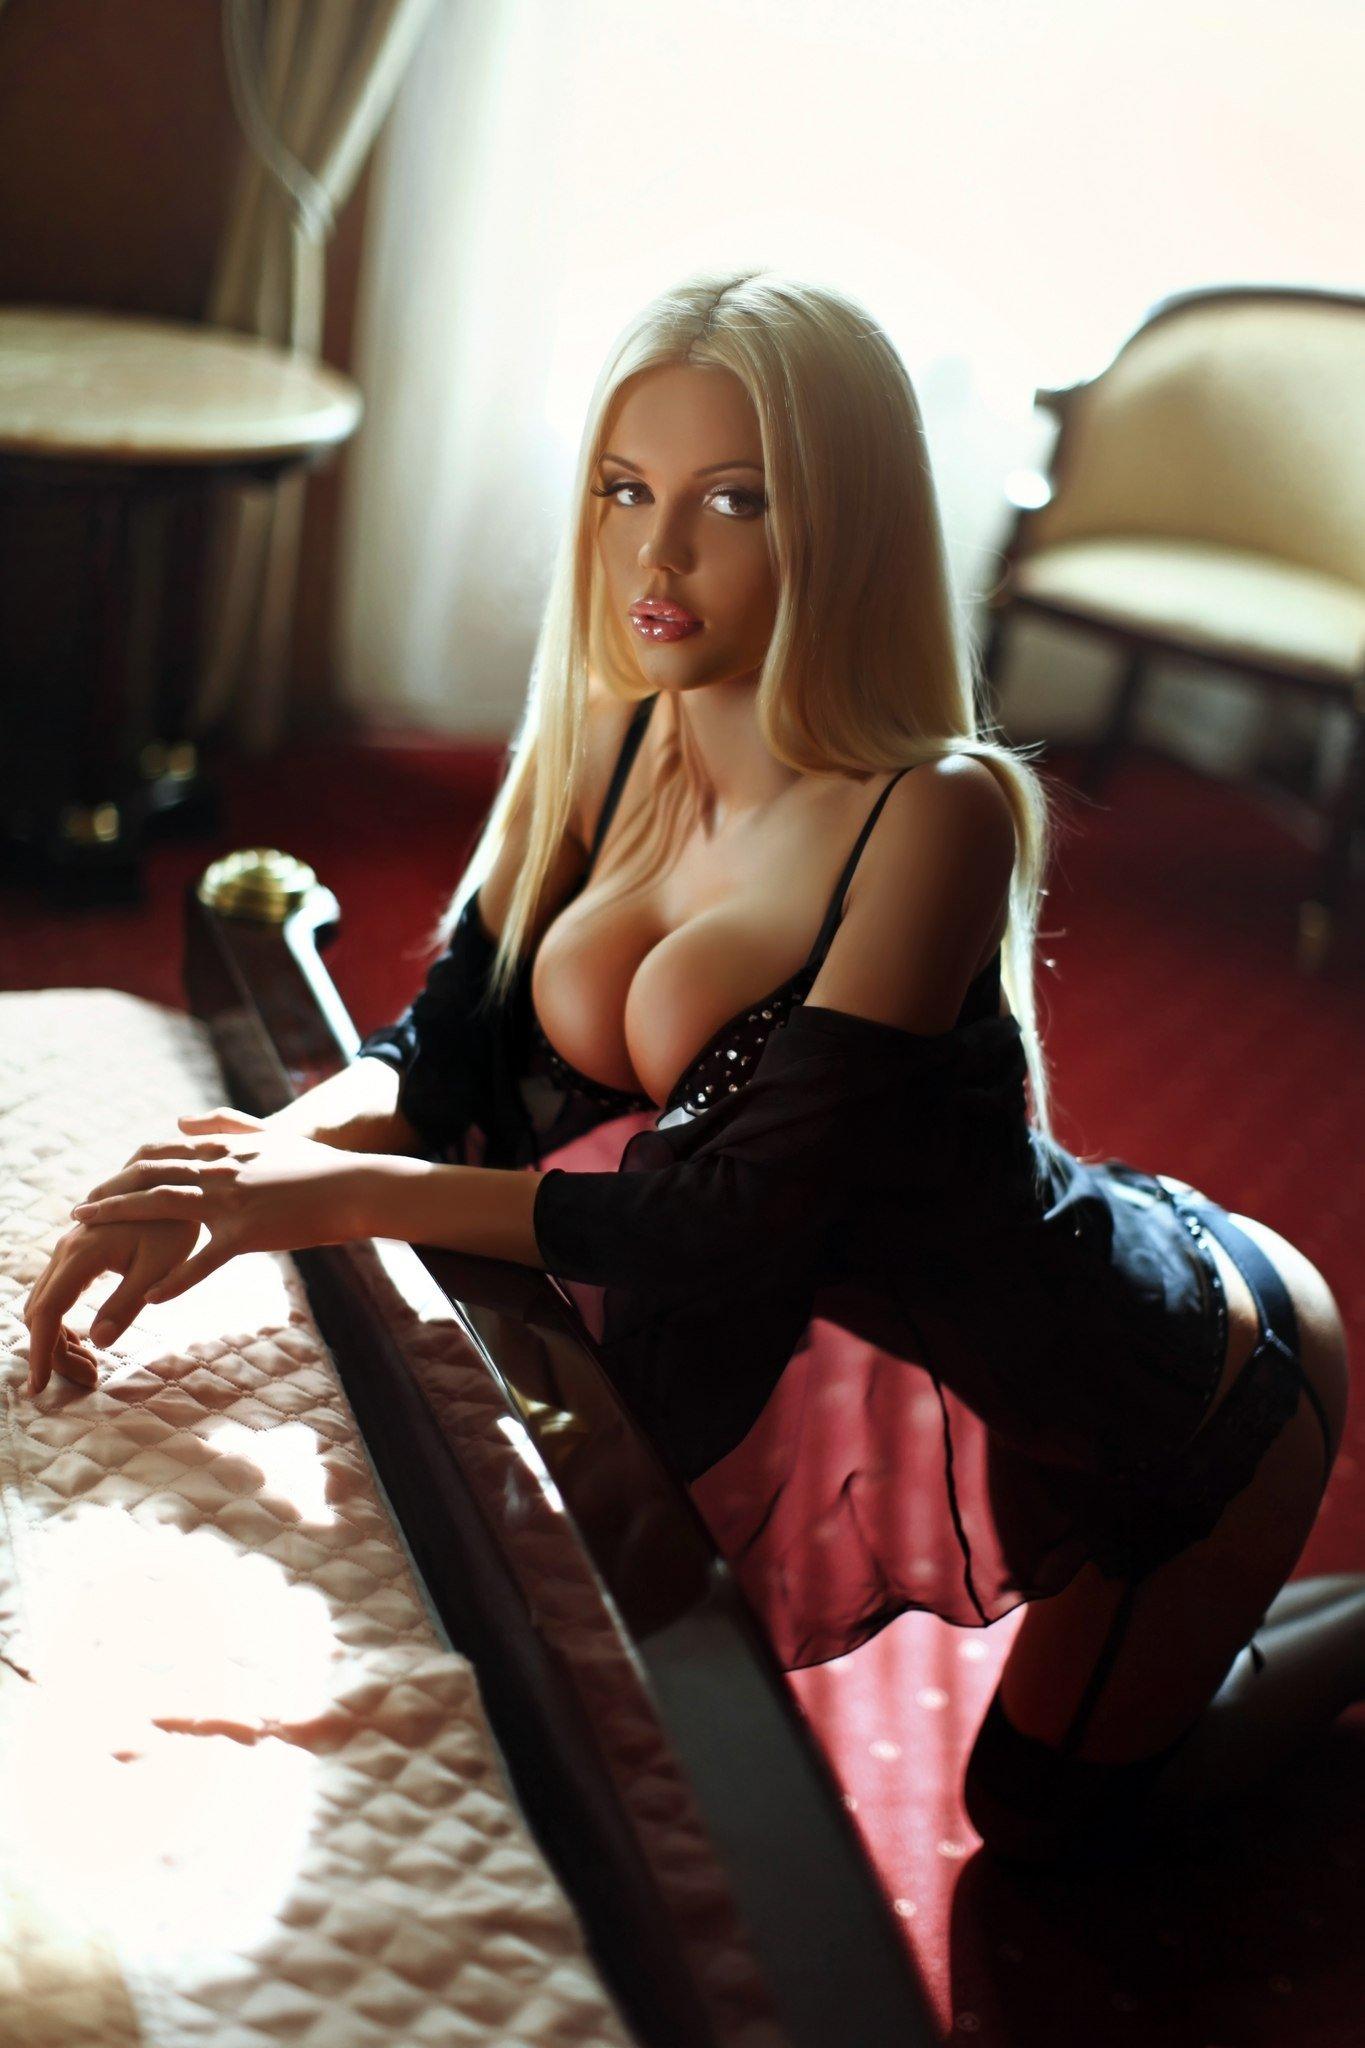 Секс красивых девушек в сексуальном белье 8 фотография